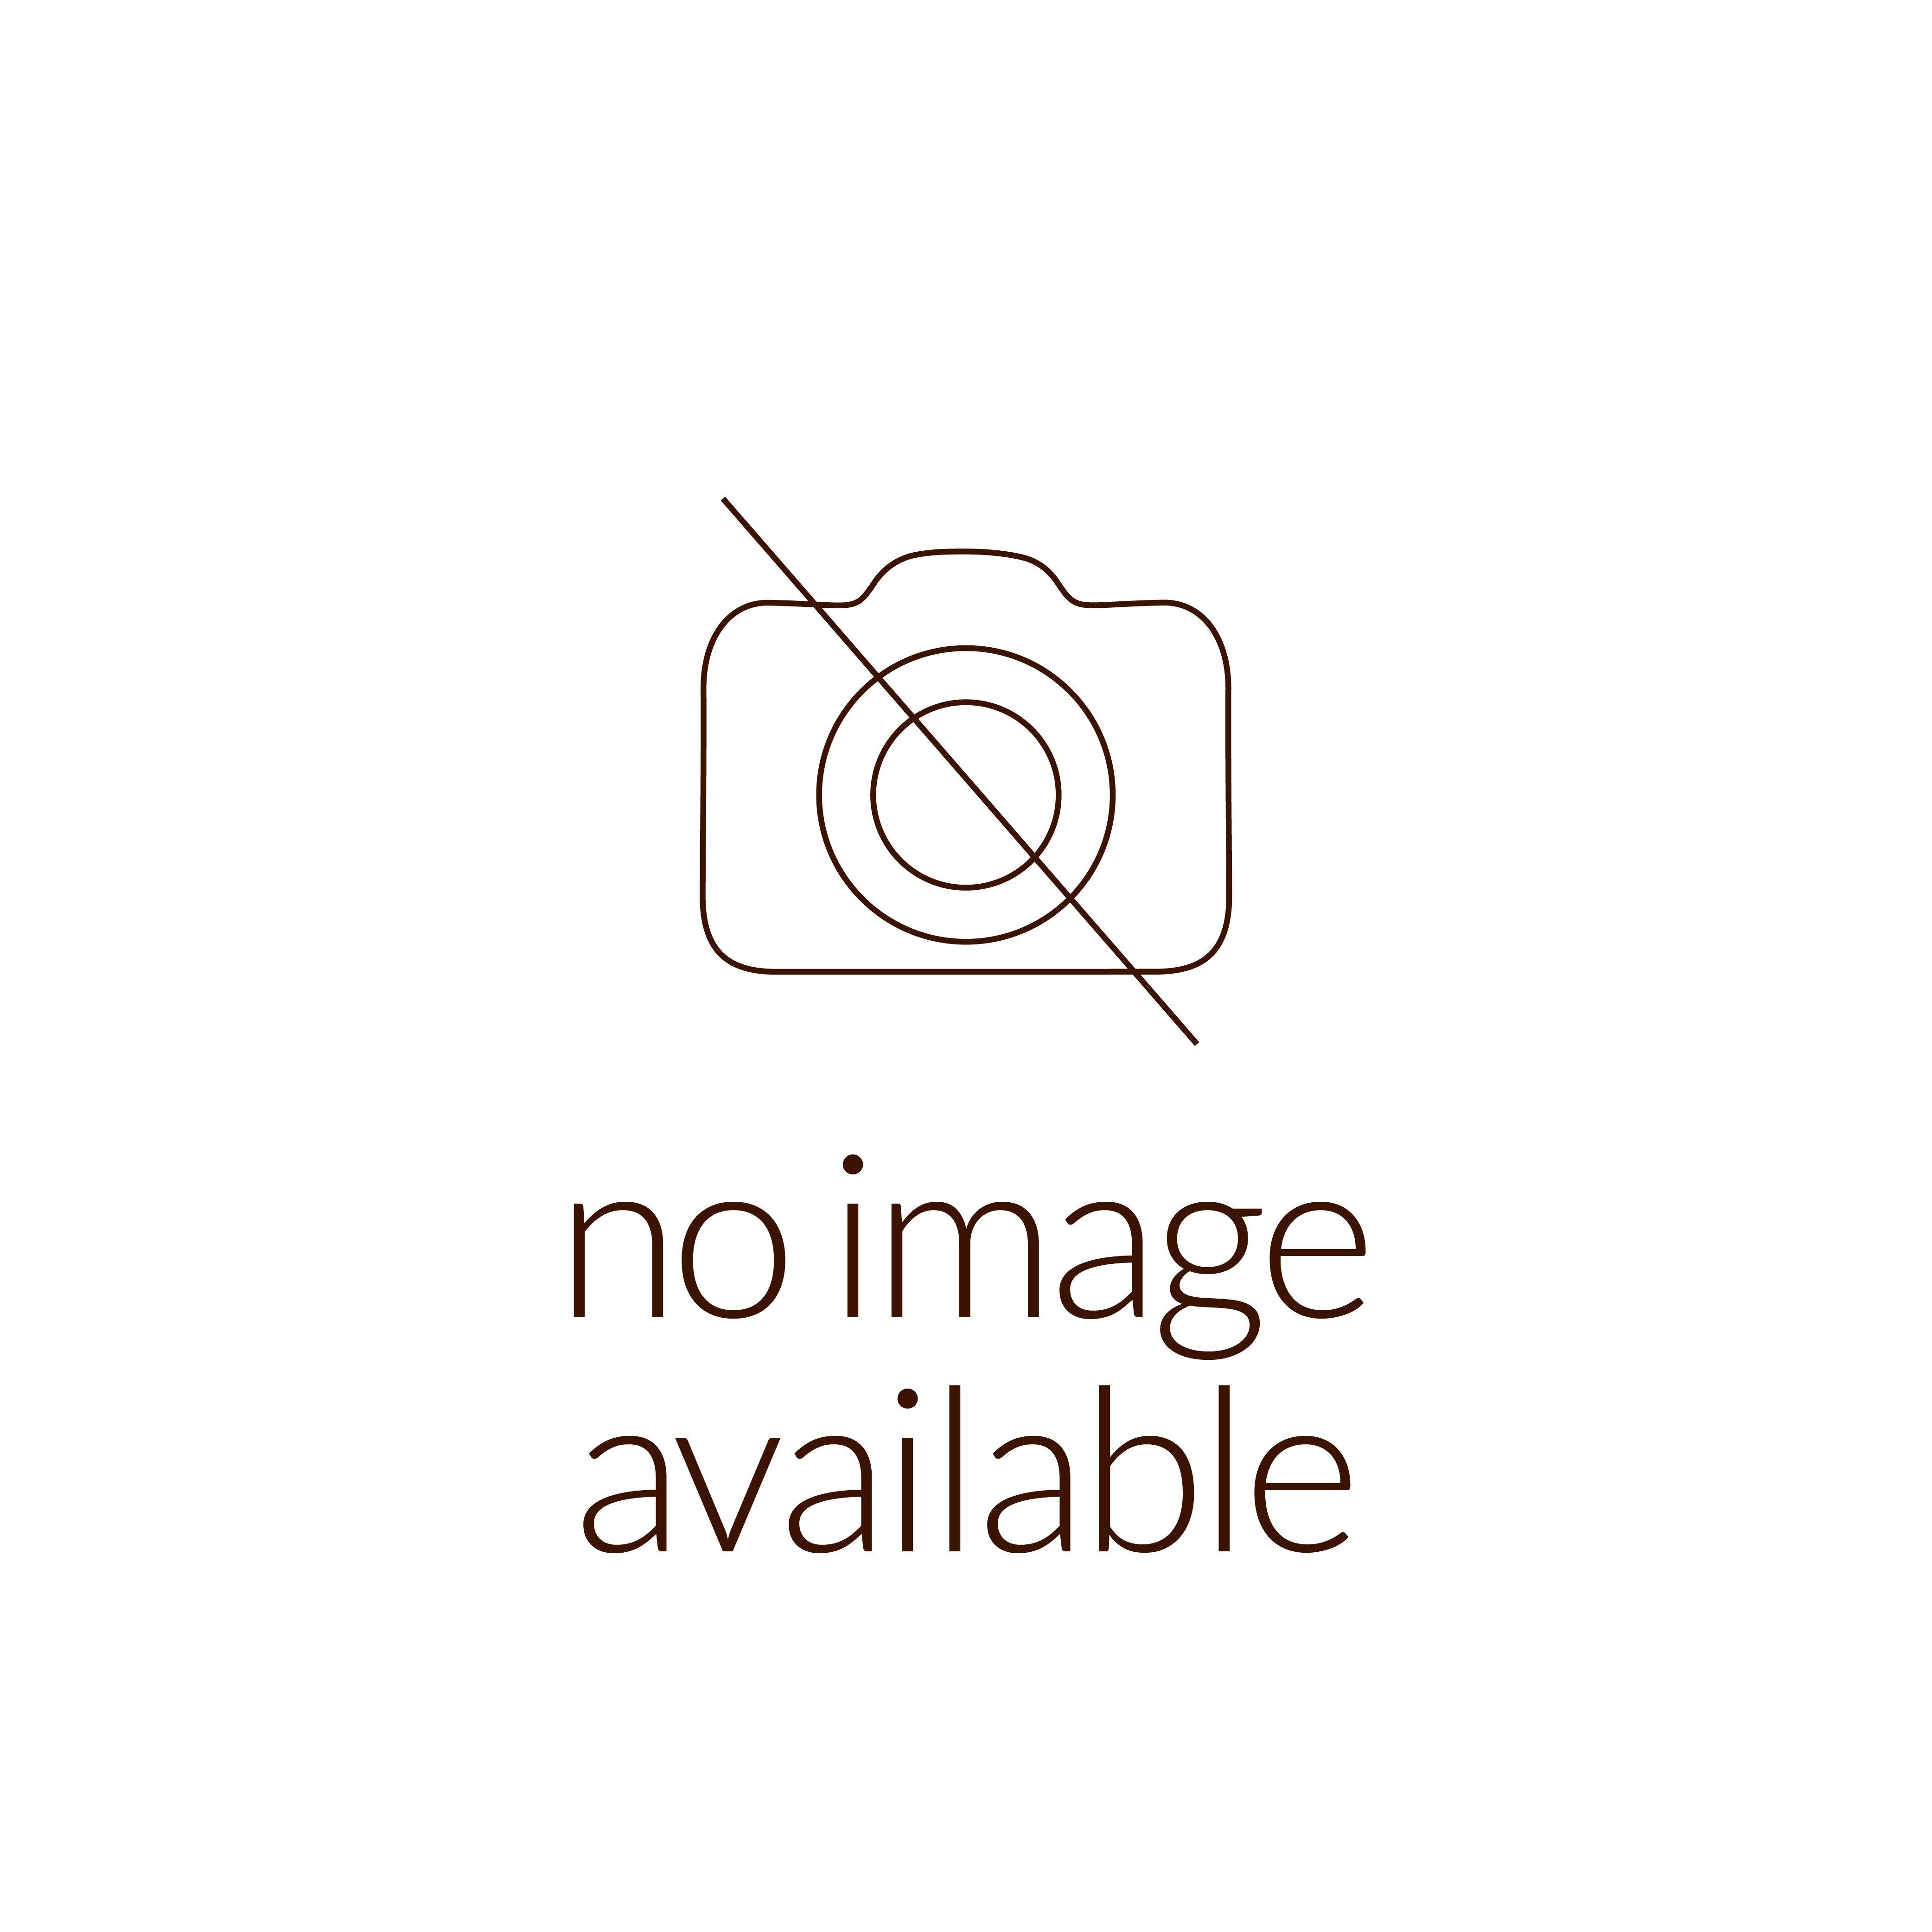 """מדליה ממלכתית,עשרת הדברות סט פלטינה, פלטינה 9995, 13.92 מ""""מ, 1.244 גרם - צד הנושא"""